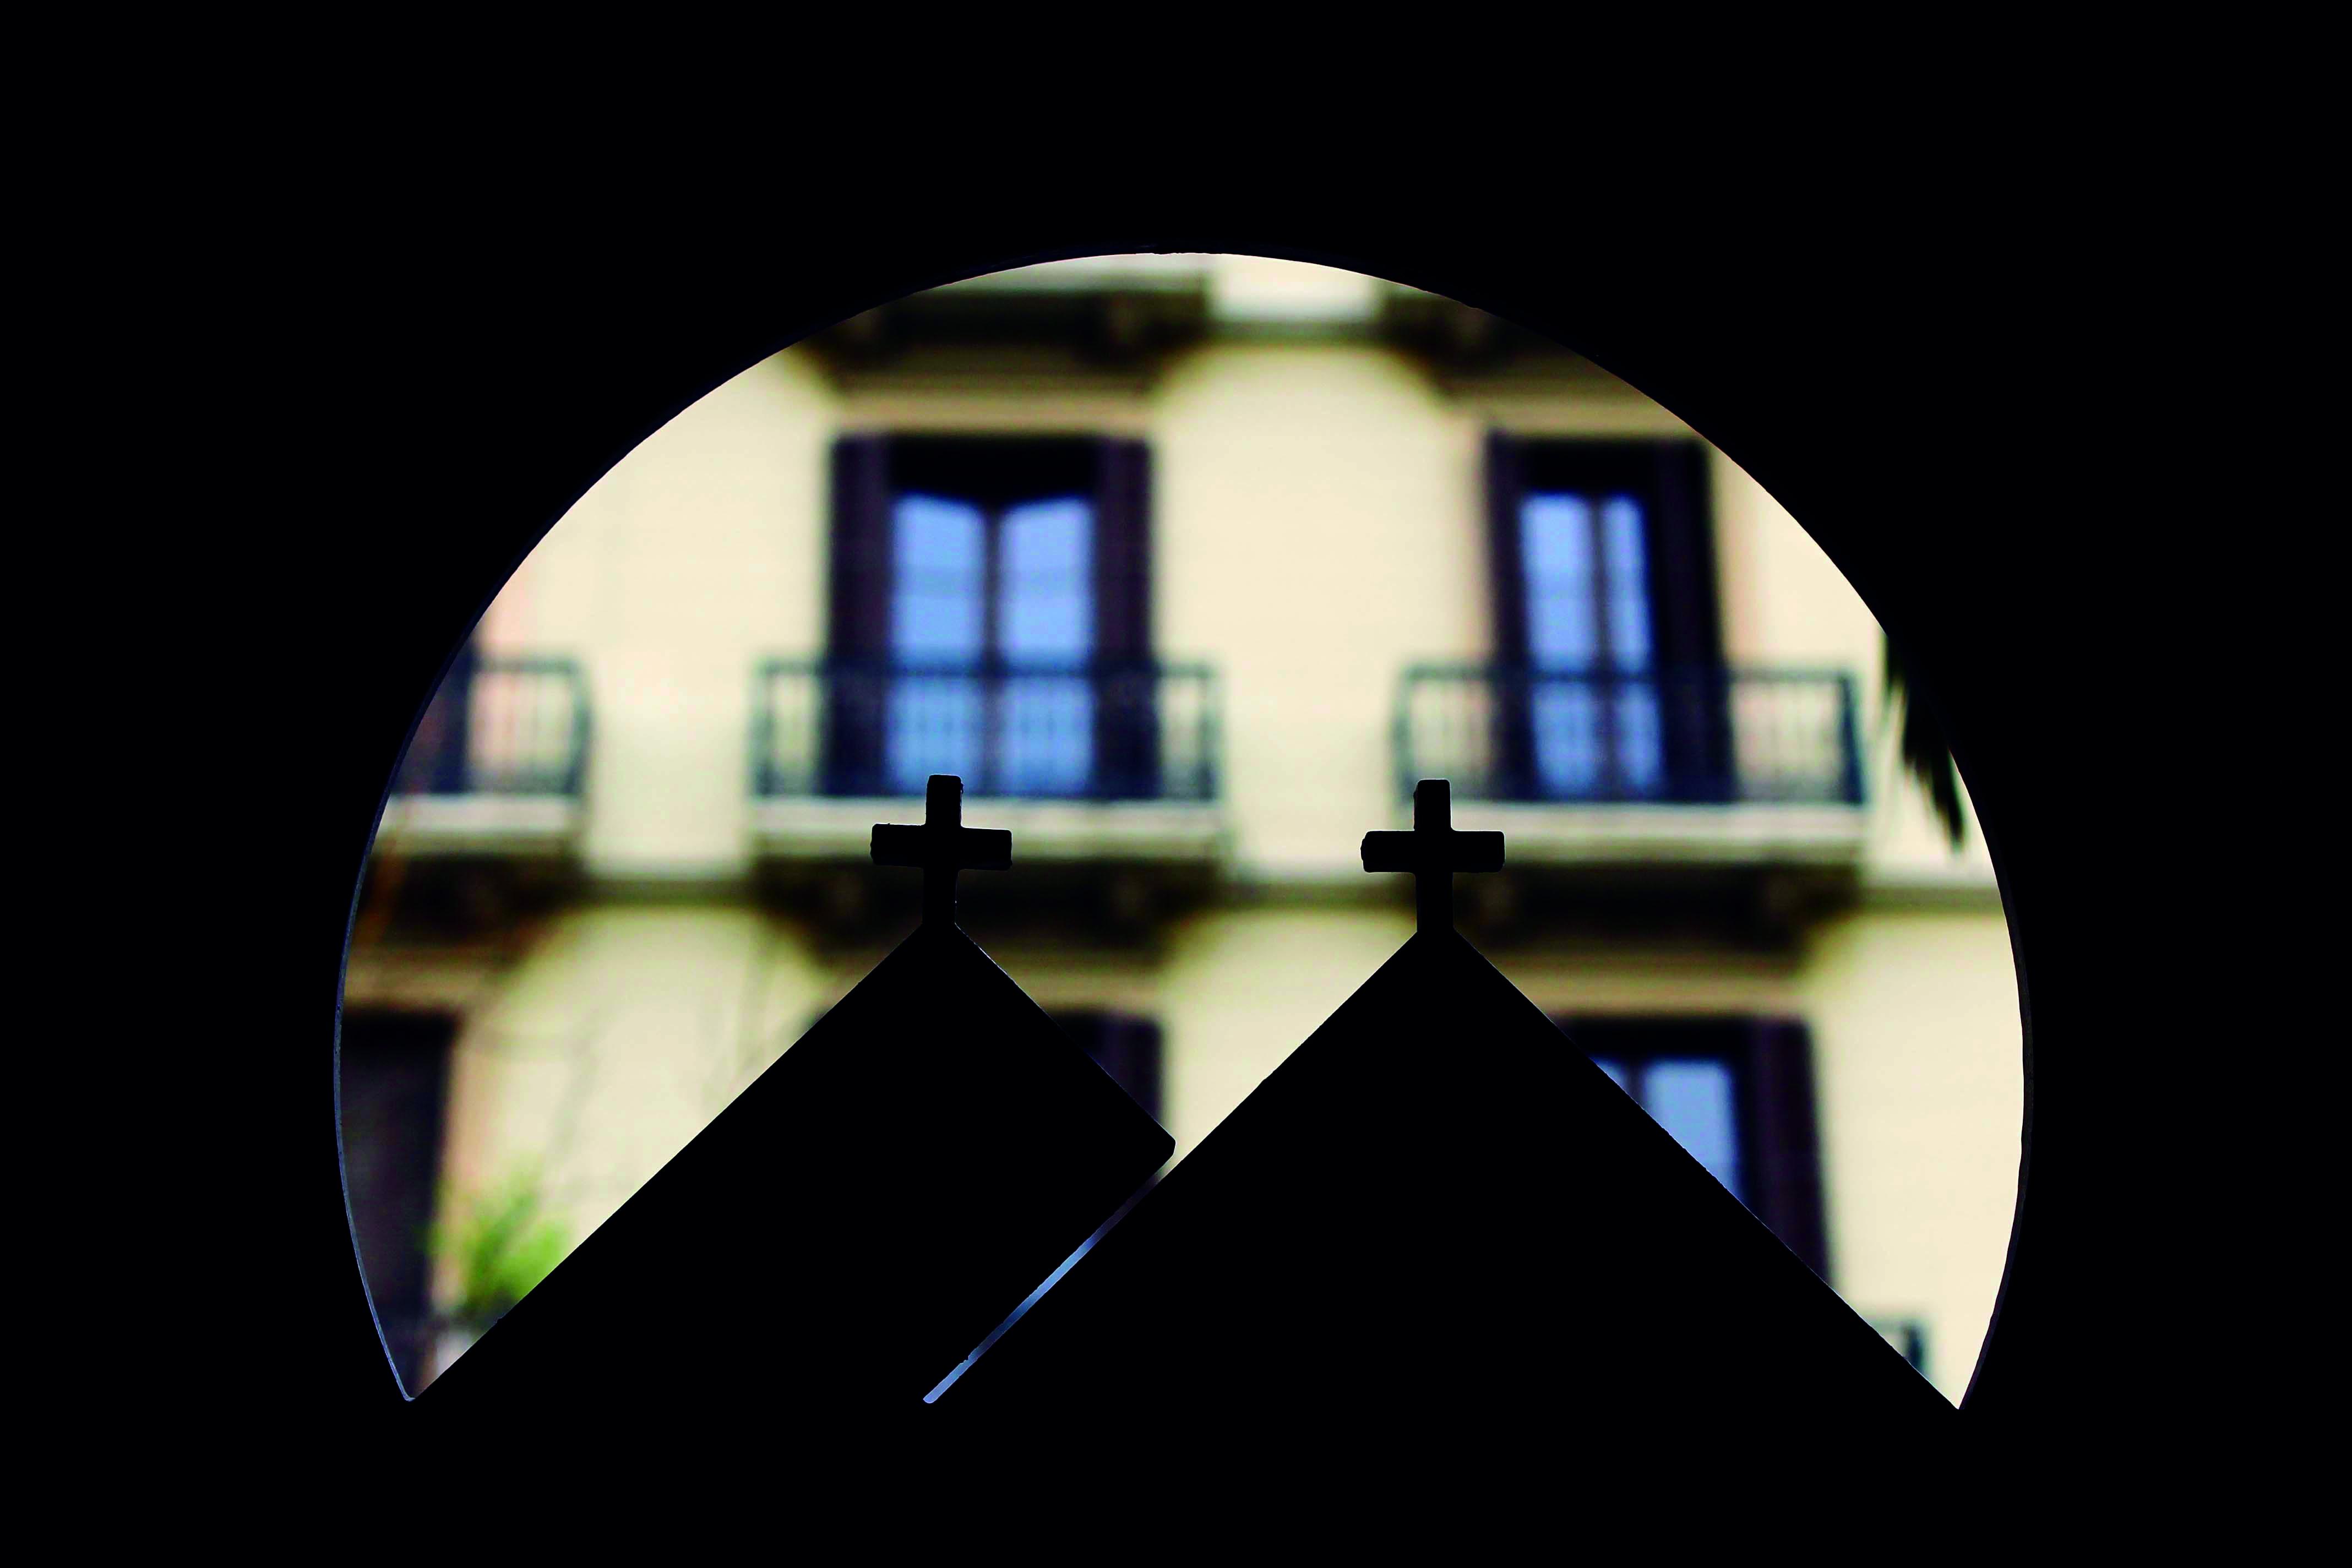 13. Detalle del símbolo característico del Seminario Conciliar de Barcelona